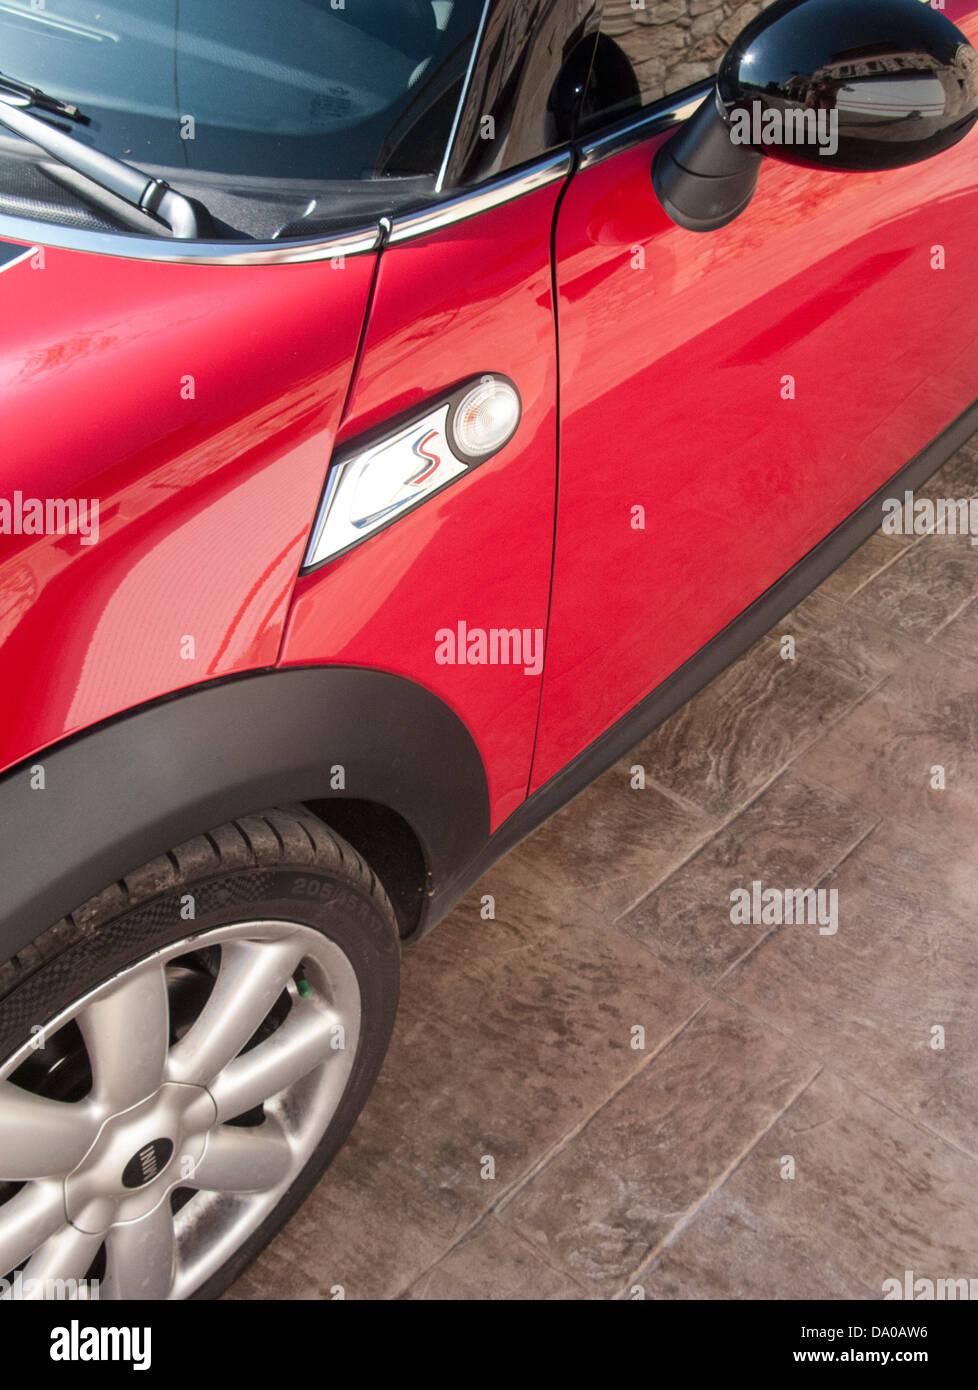 Mini Cooper S Automobile - Stock Image